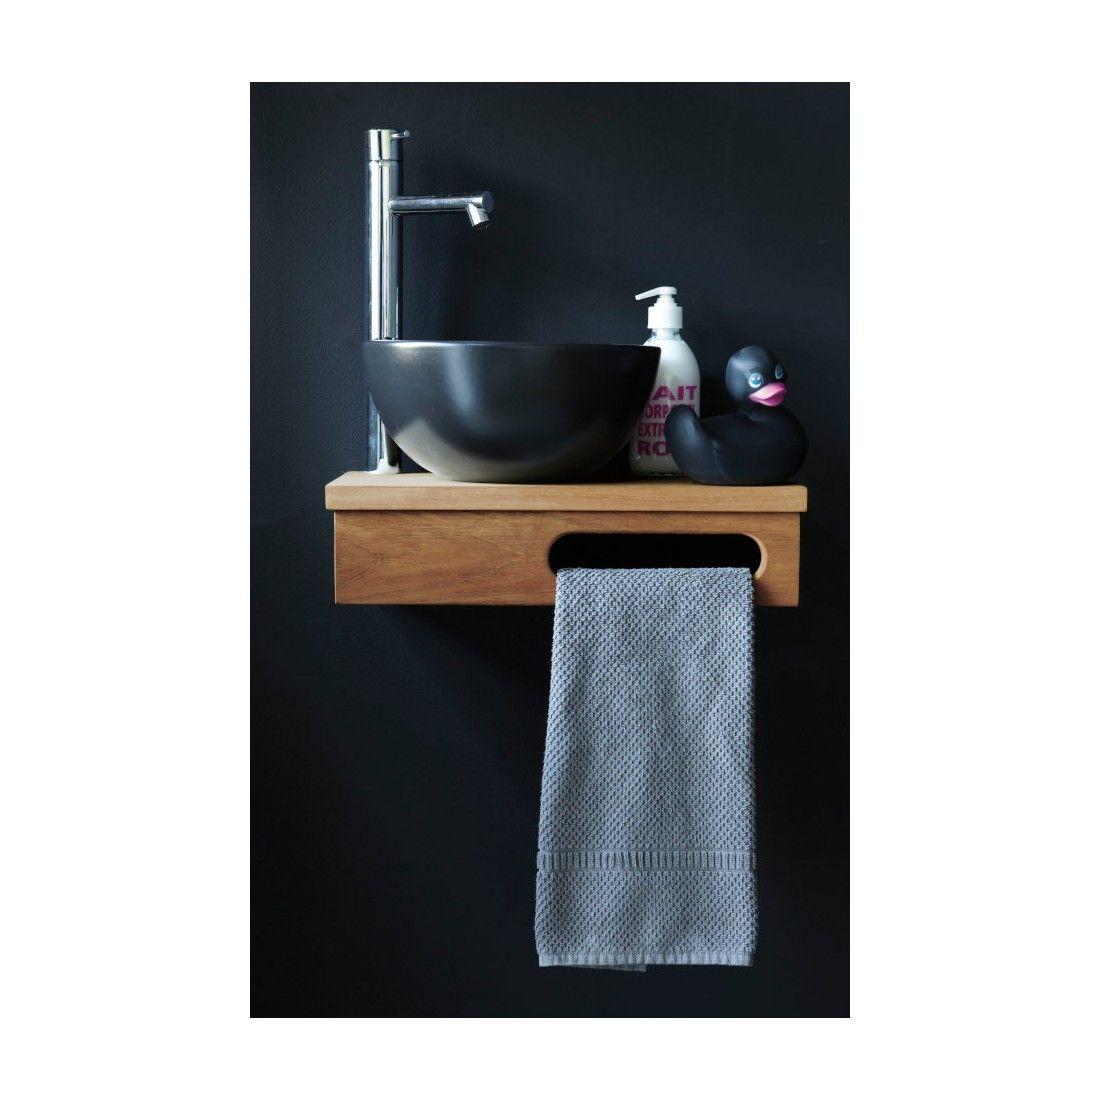 Vasque lave mains noire et ronde 25,5 cm en céramique